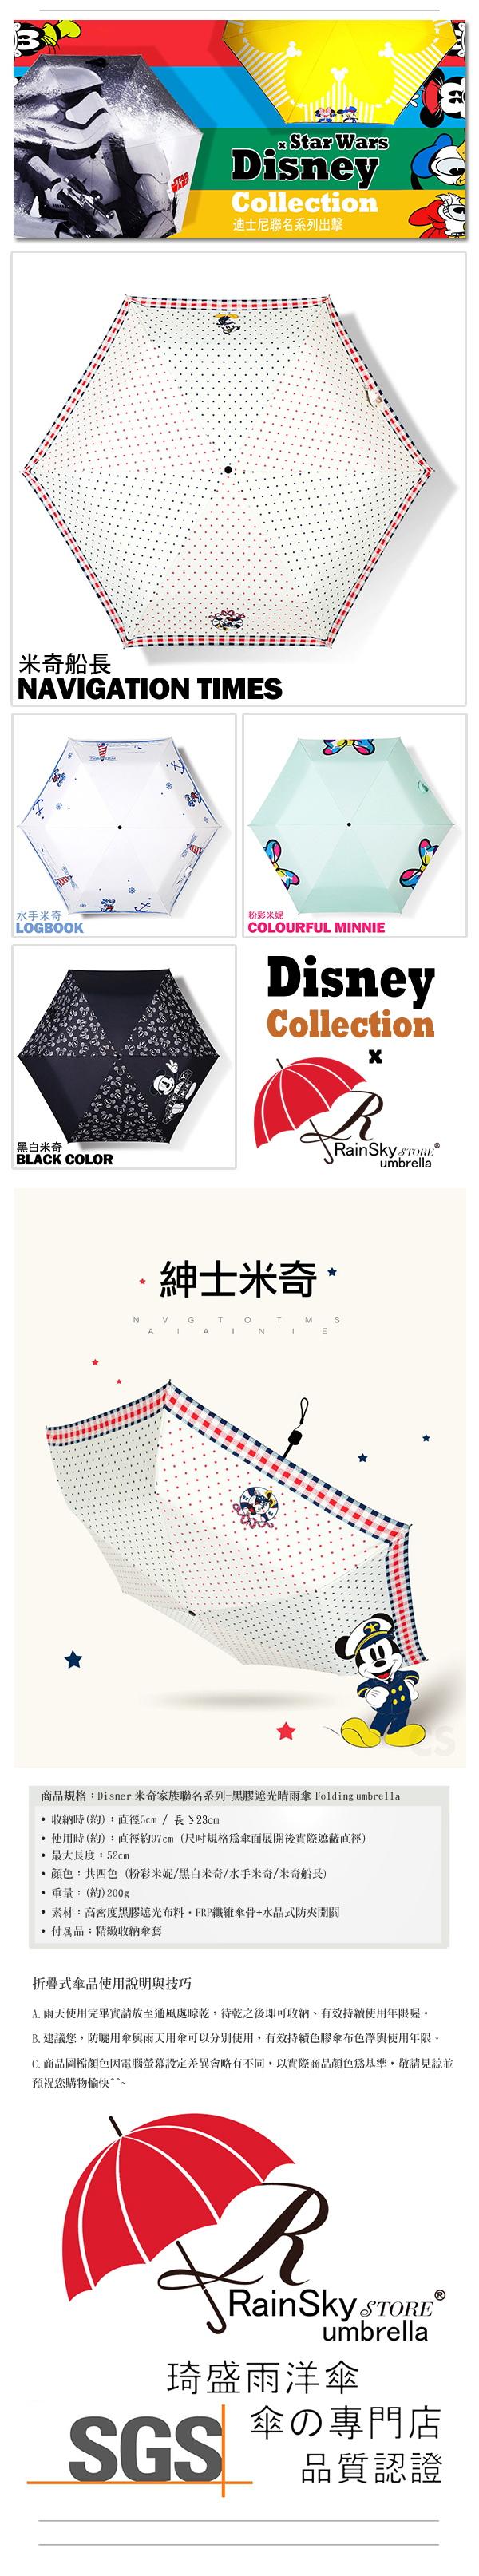 #三折傘 #雨傘 #防風傘 #洋傘 #折疊傘 #陽傘 #五折傘 #大傘 #撥水傘 #機能傘 #晴雨傘